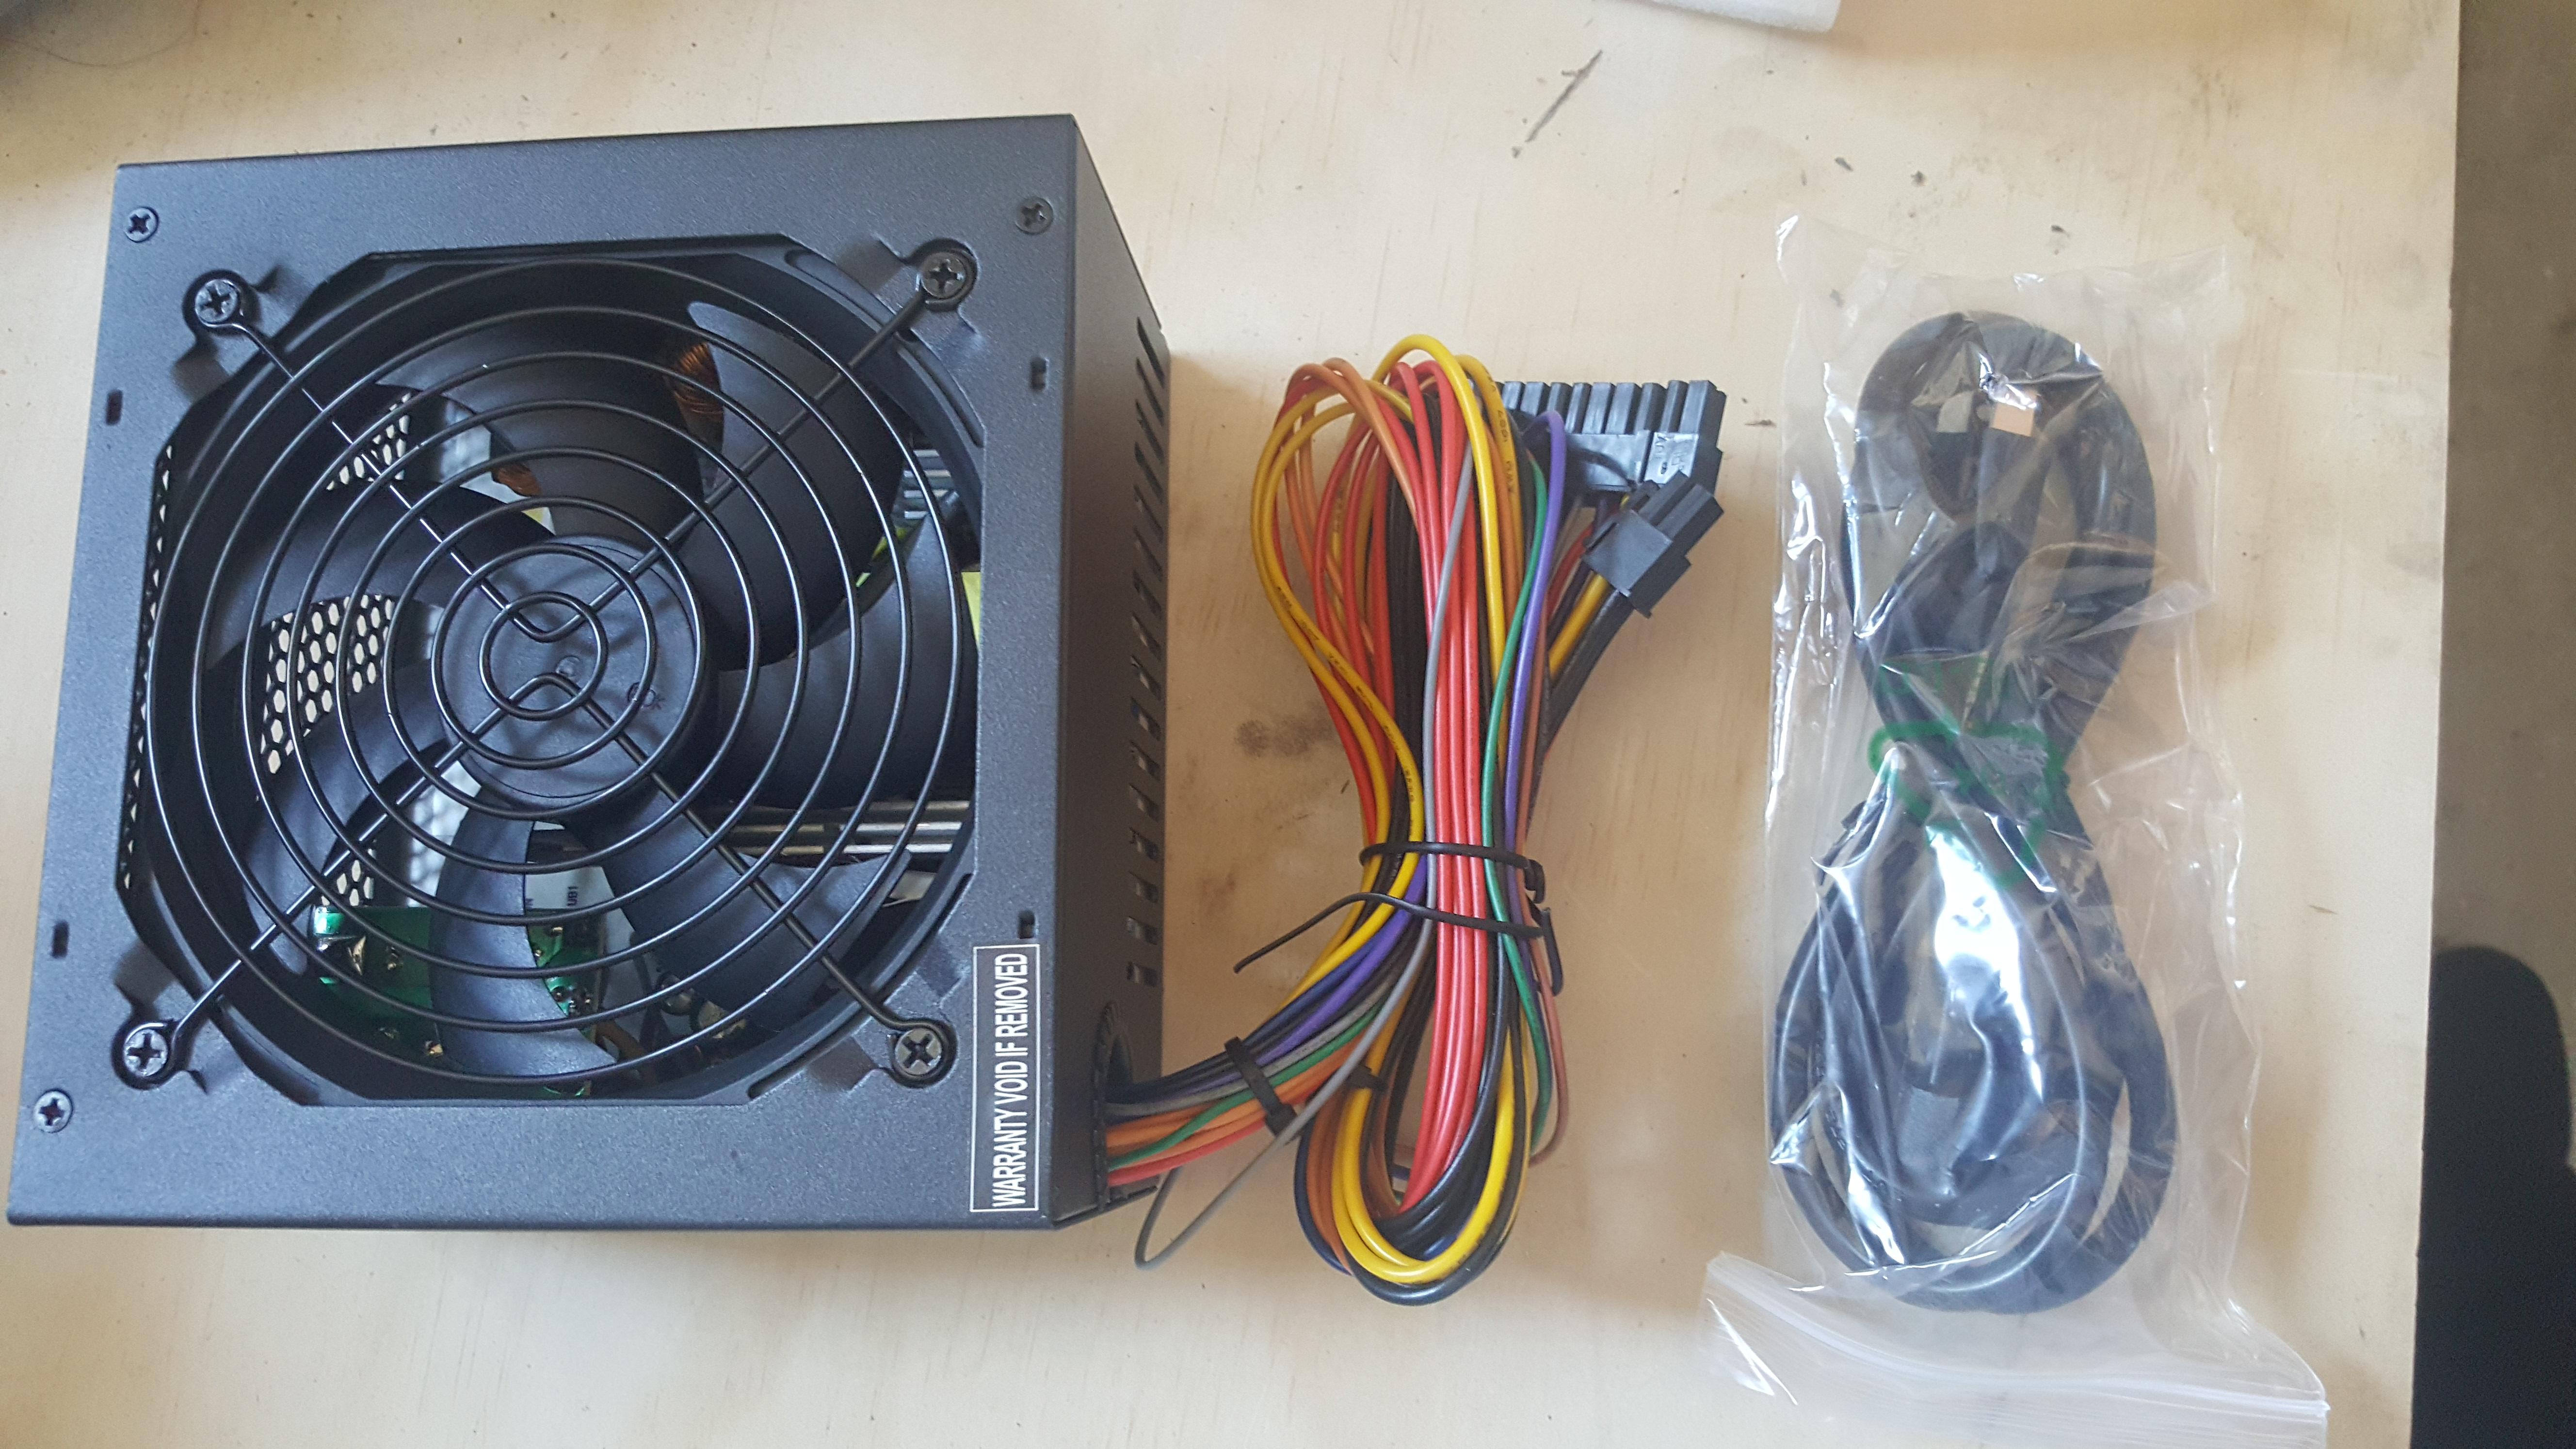 Basic Rigidbot 1 Electronics Upgrade Kit